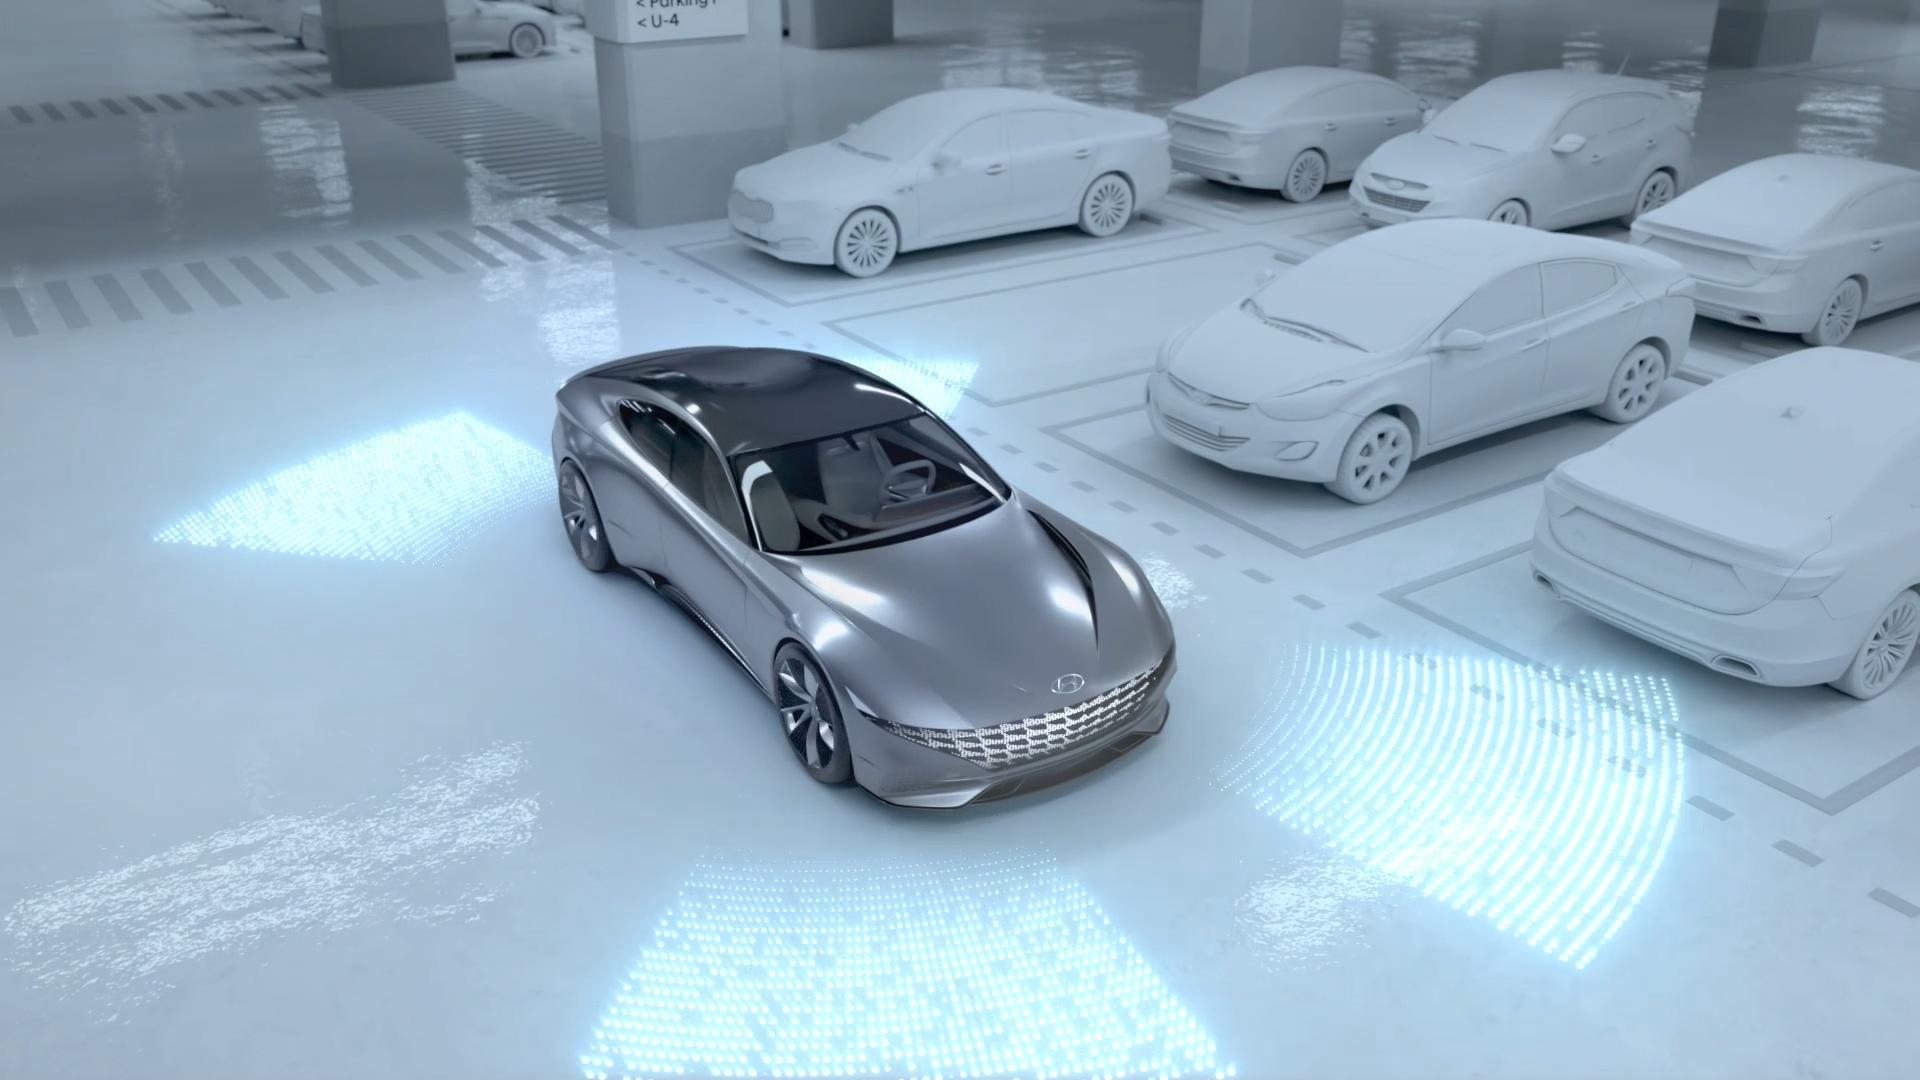 Hyundai and Kia autonom